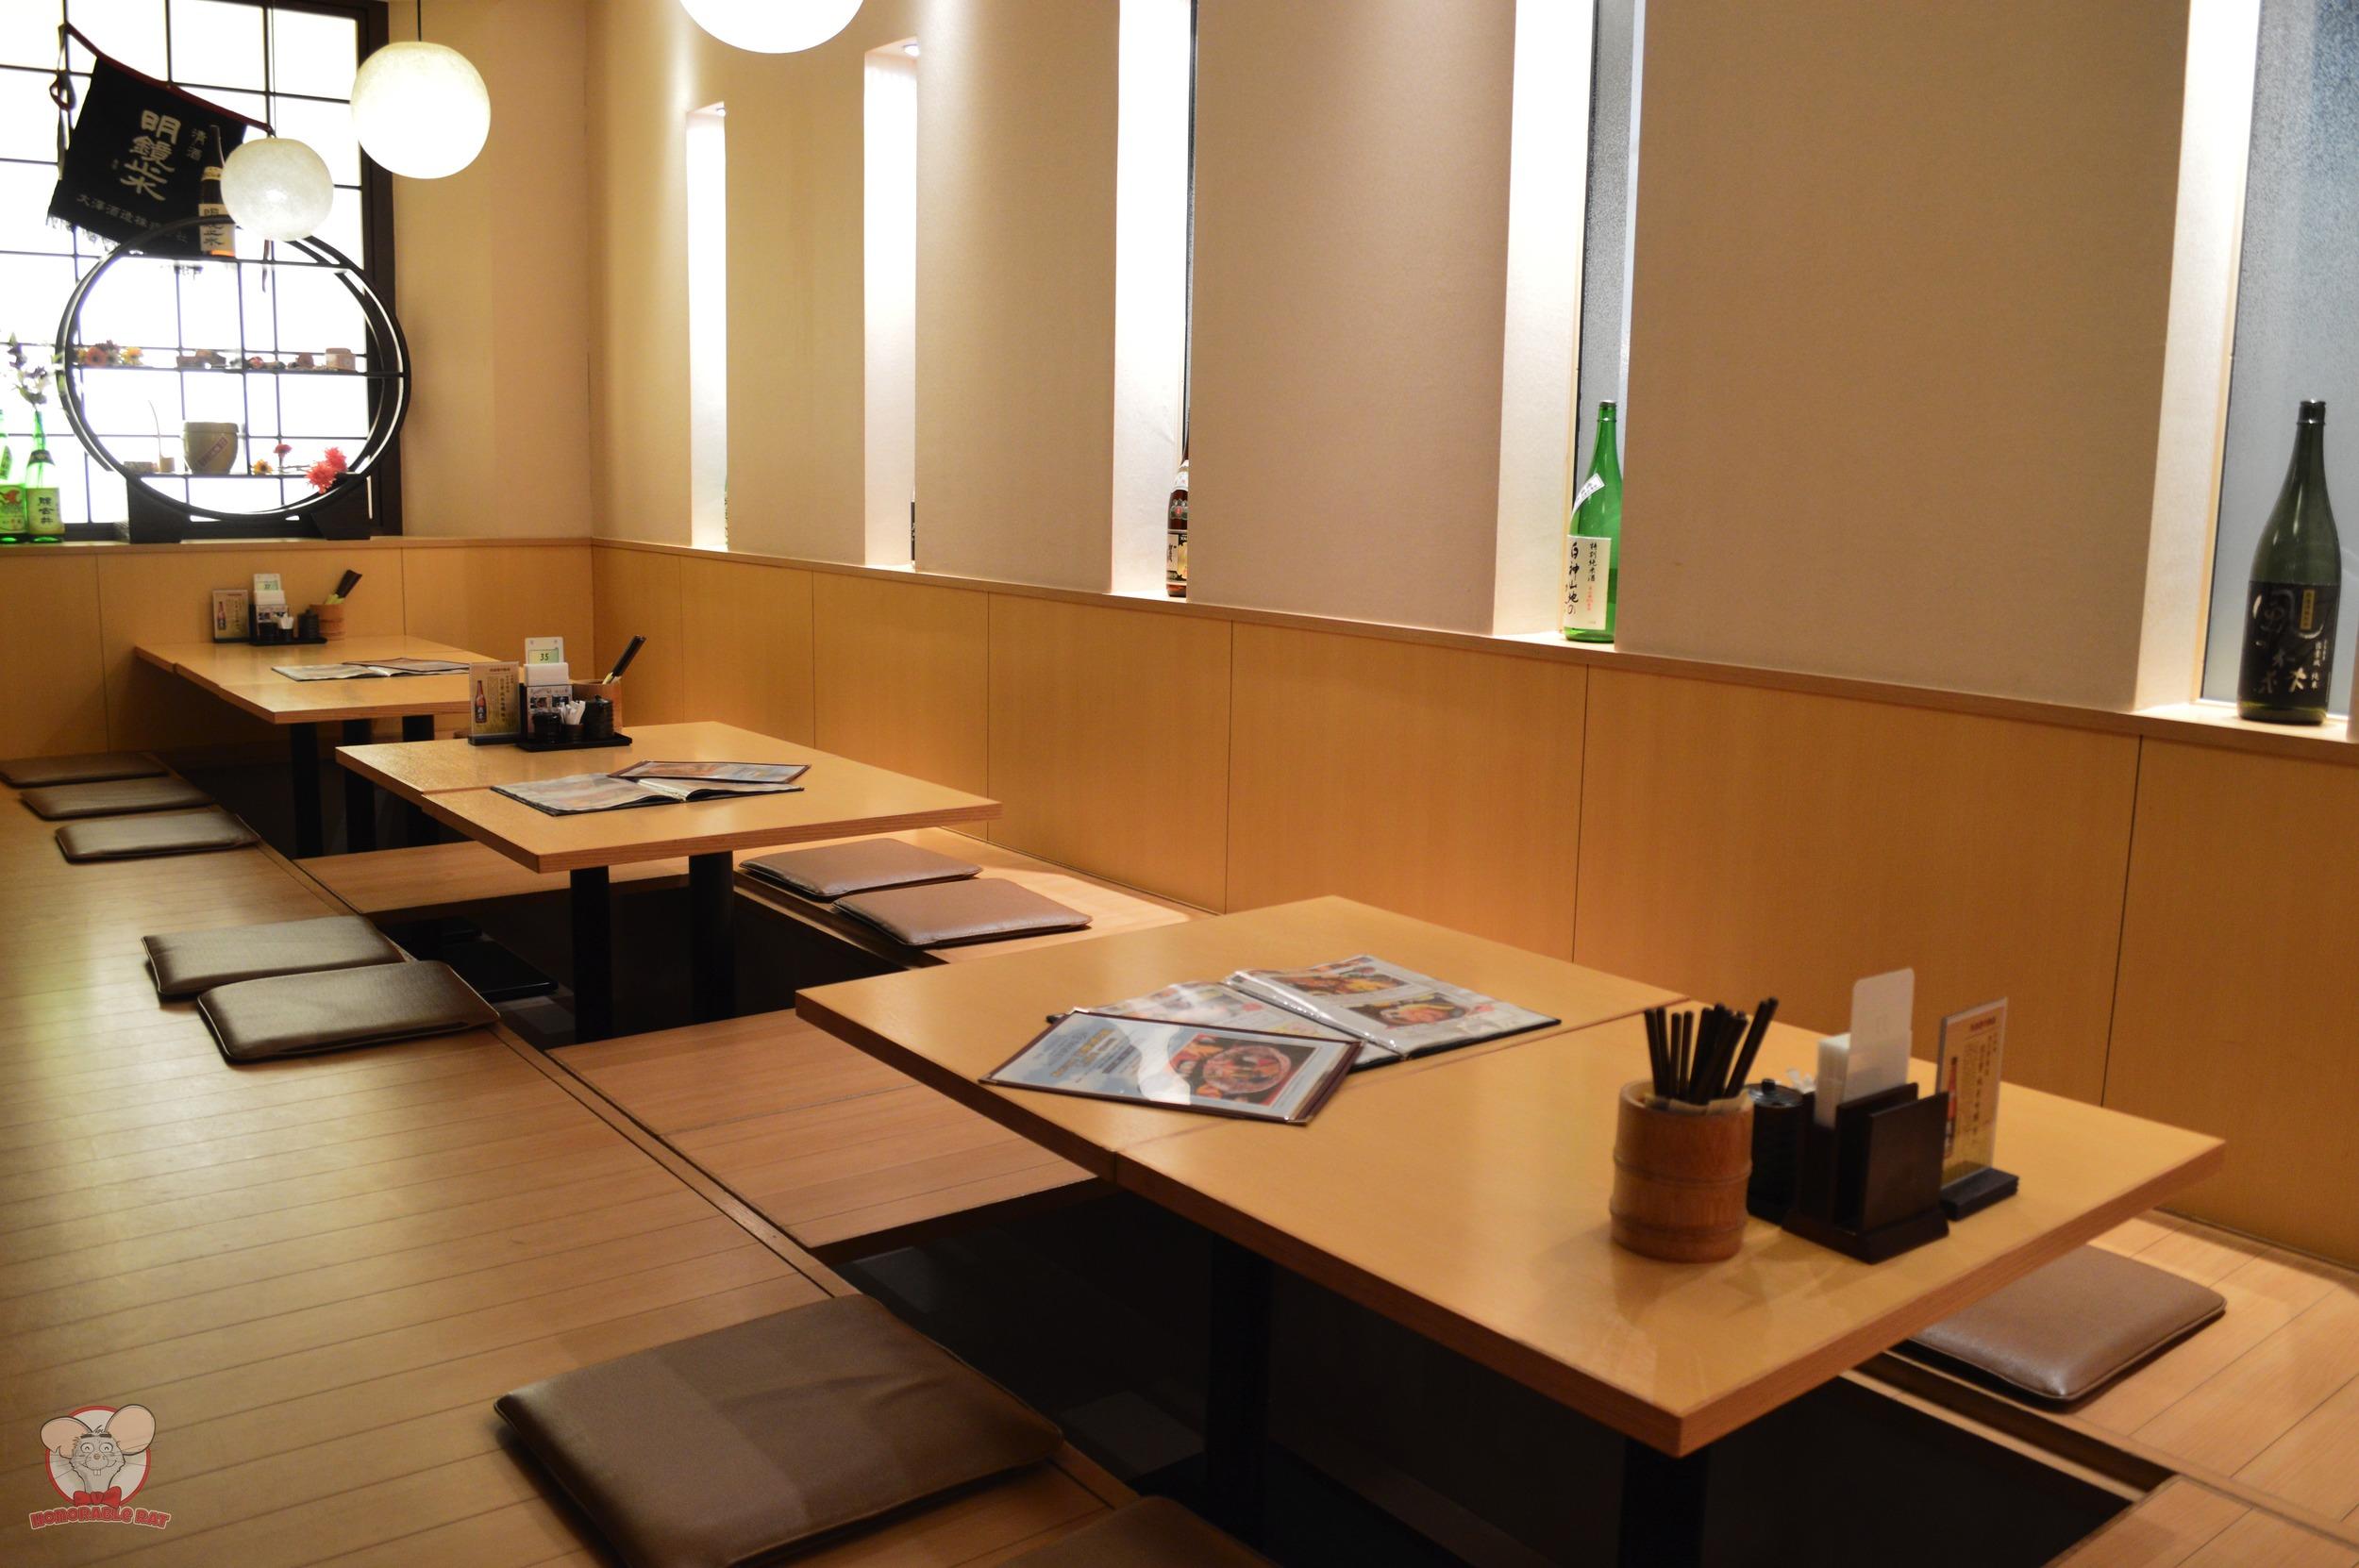 Horigotatsu Dining